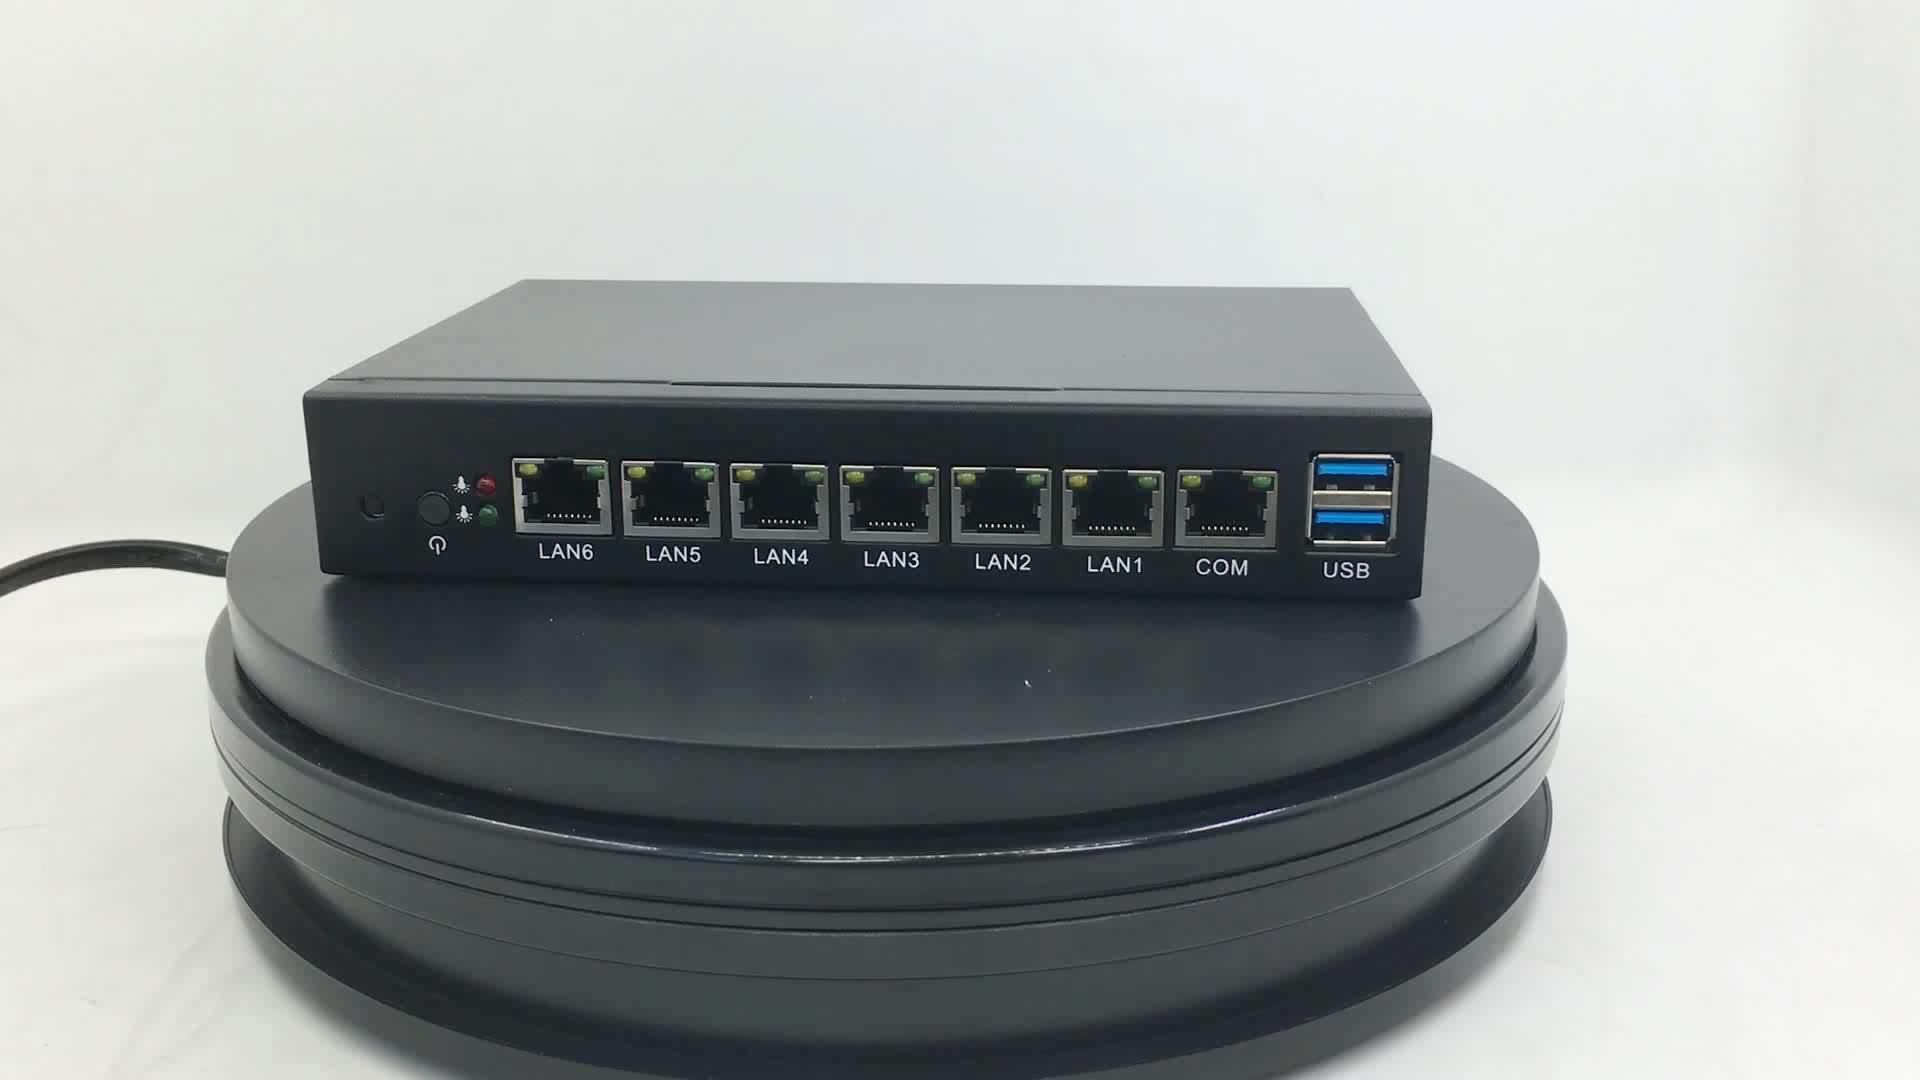 XCY 6 lan placa base Pfsense Router de red del servidor Celeron 1037U Firewall mini ordenador industrial